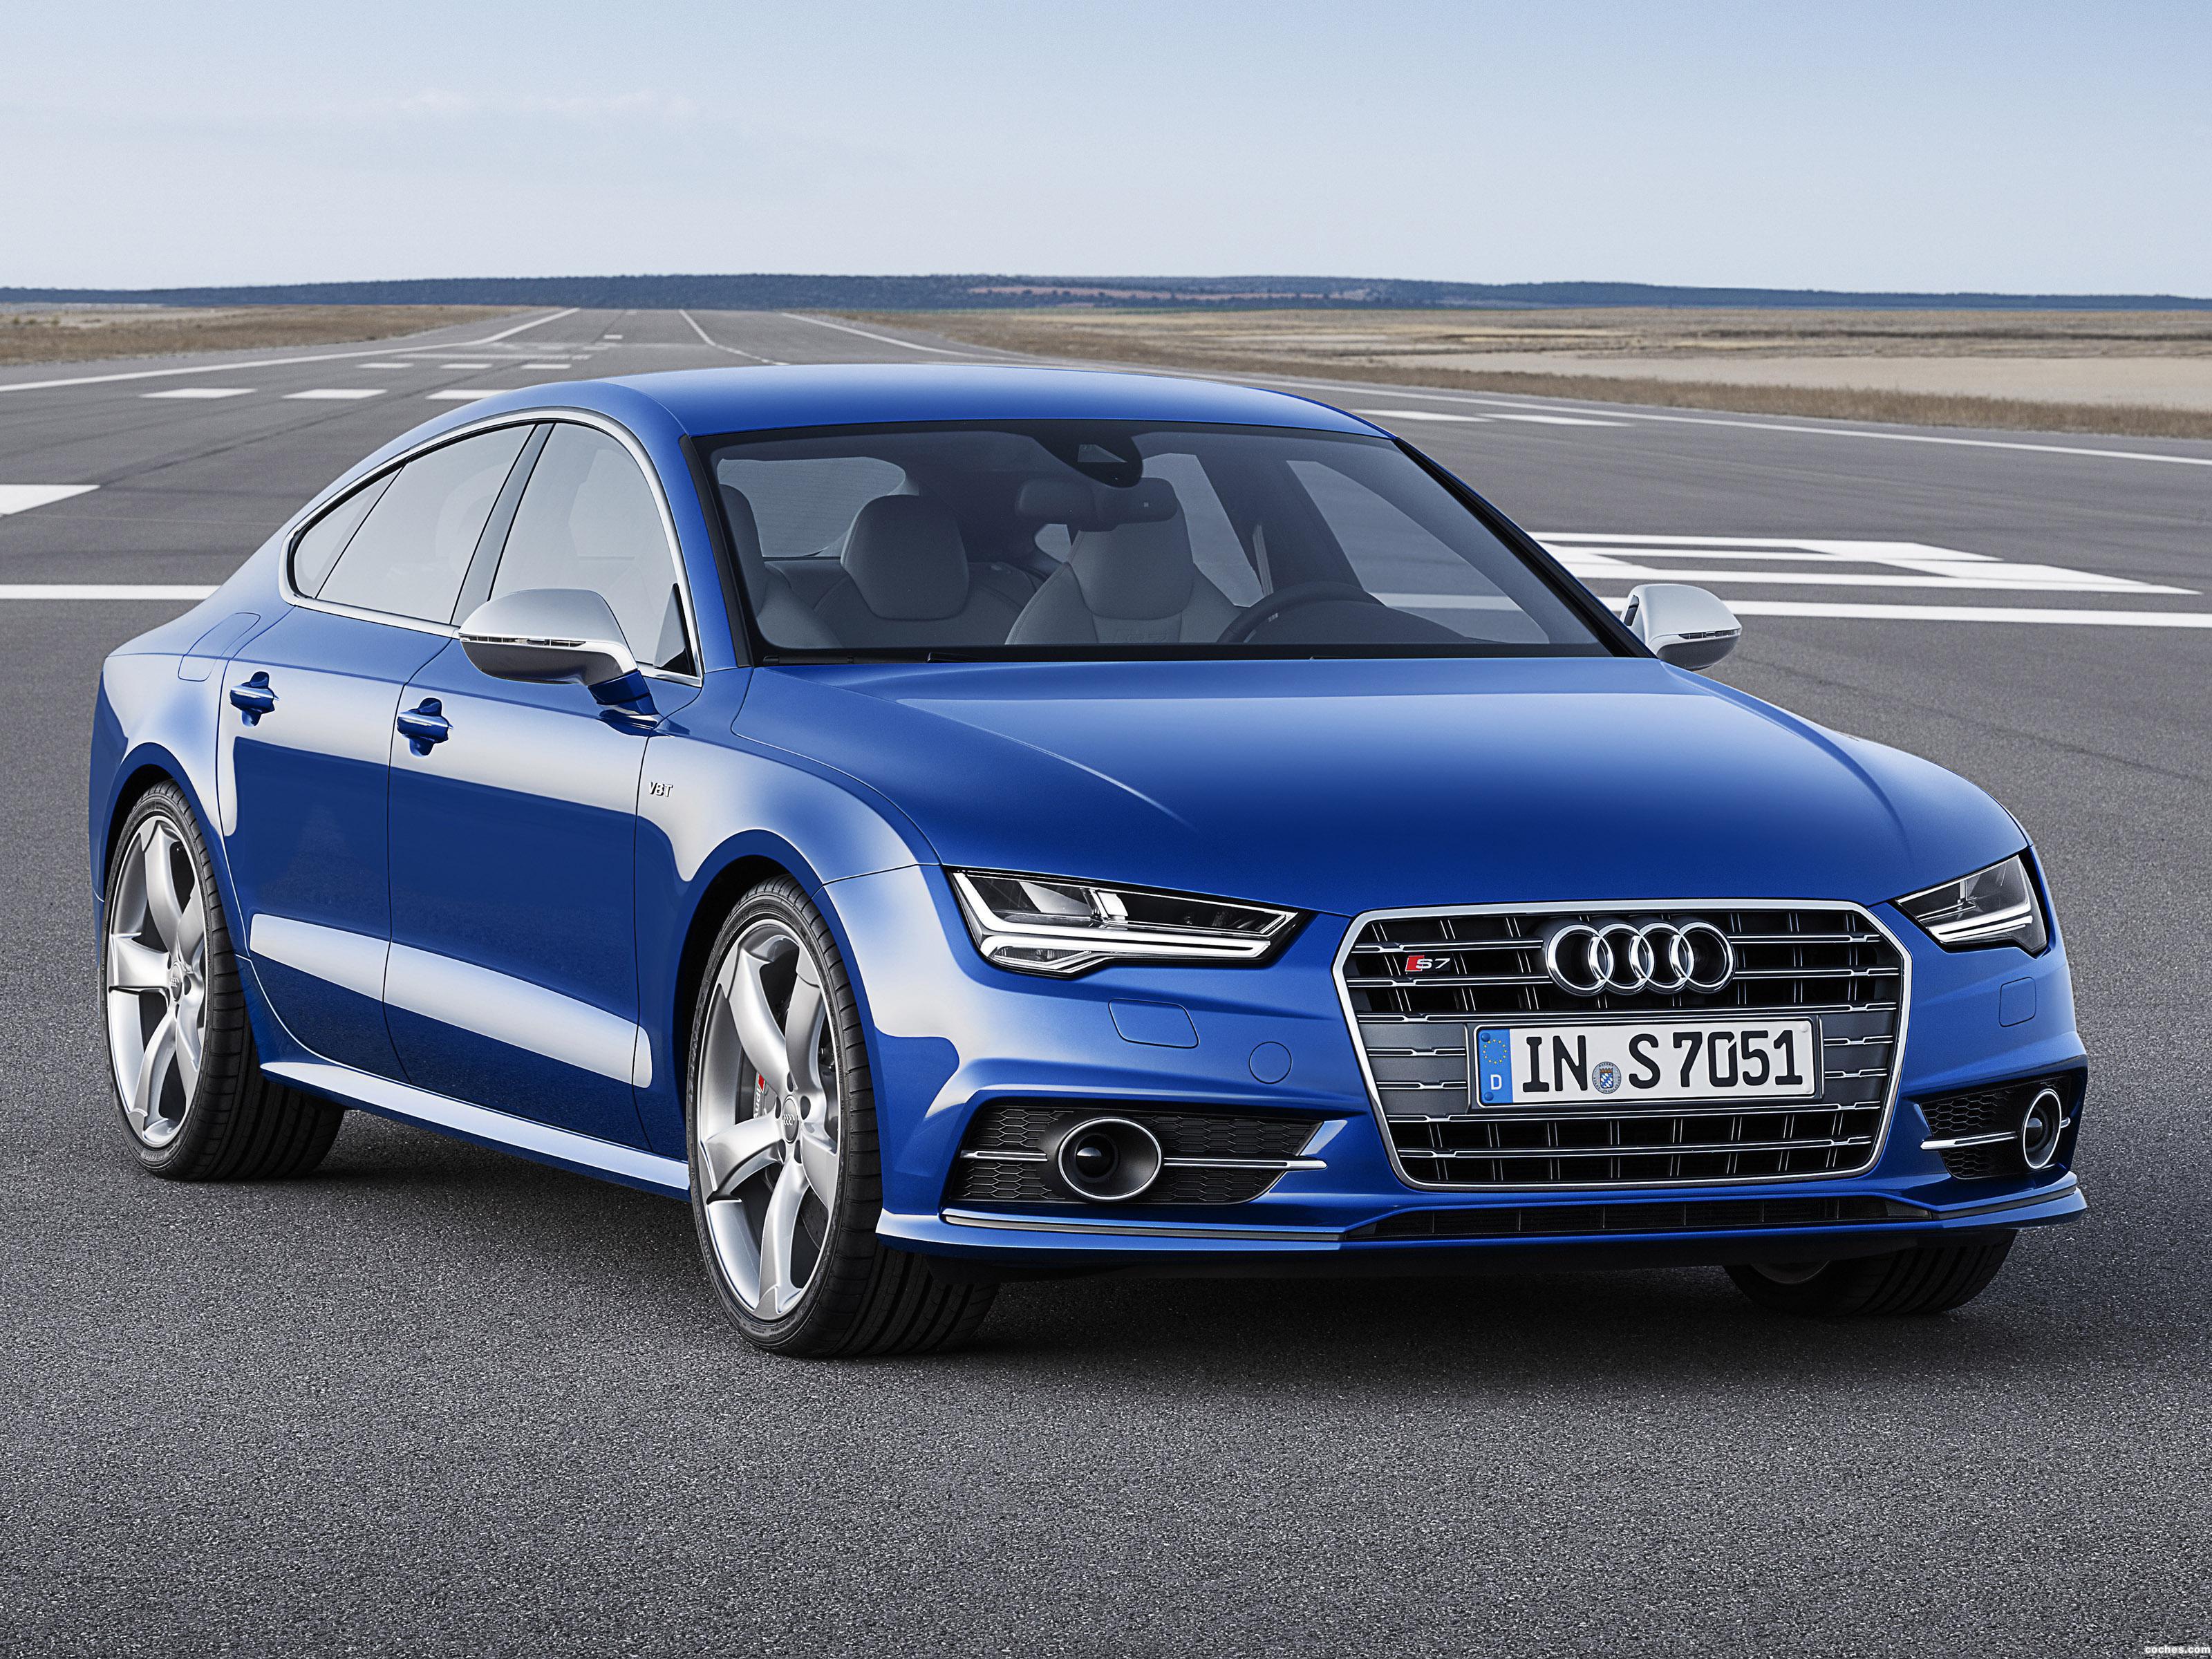 Foto 0 de Audi S7 Sportback 2014